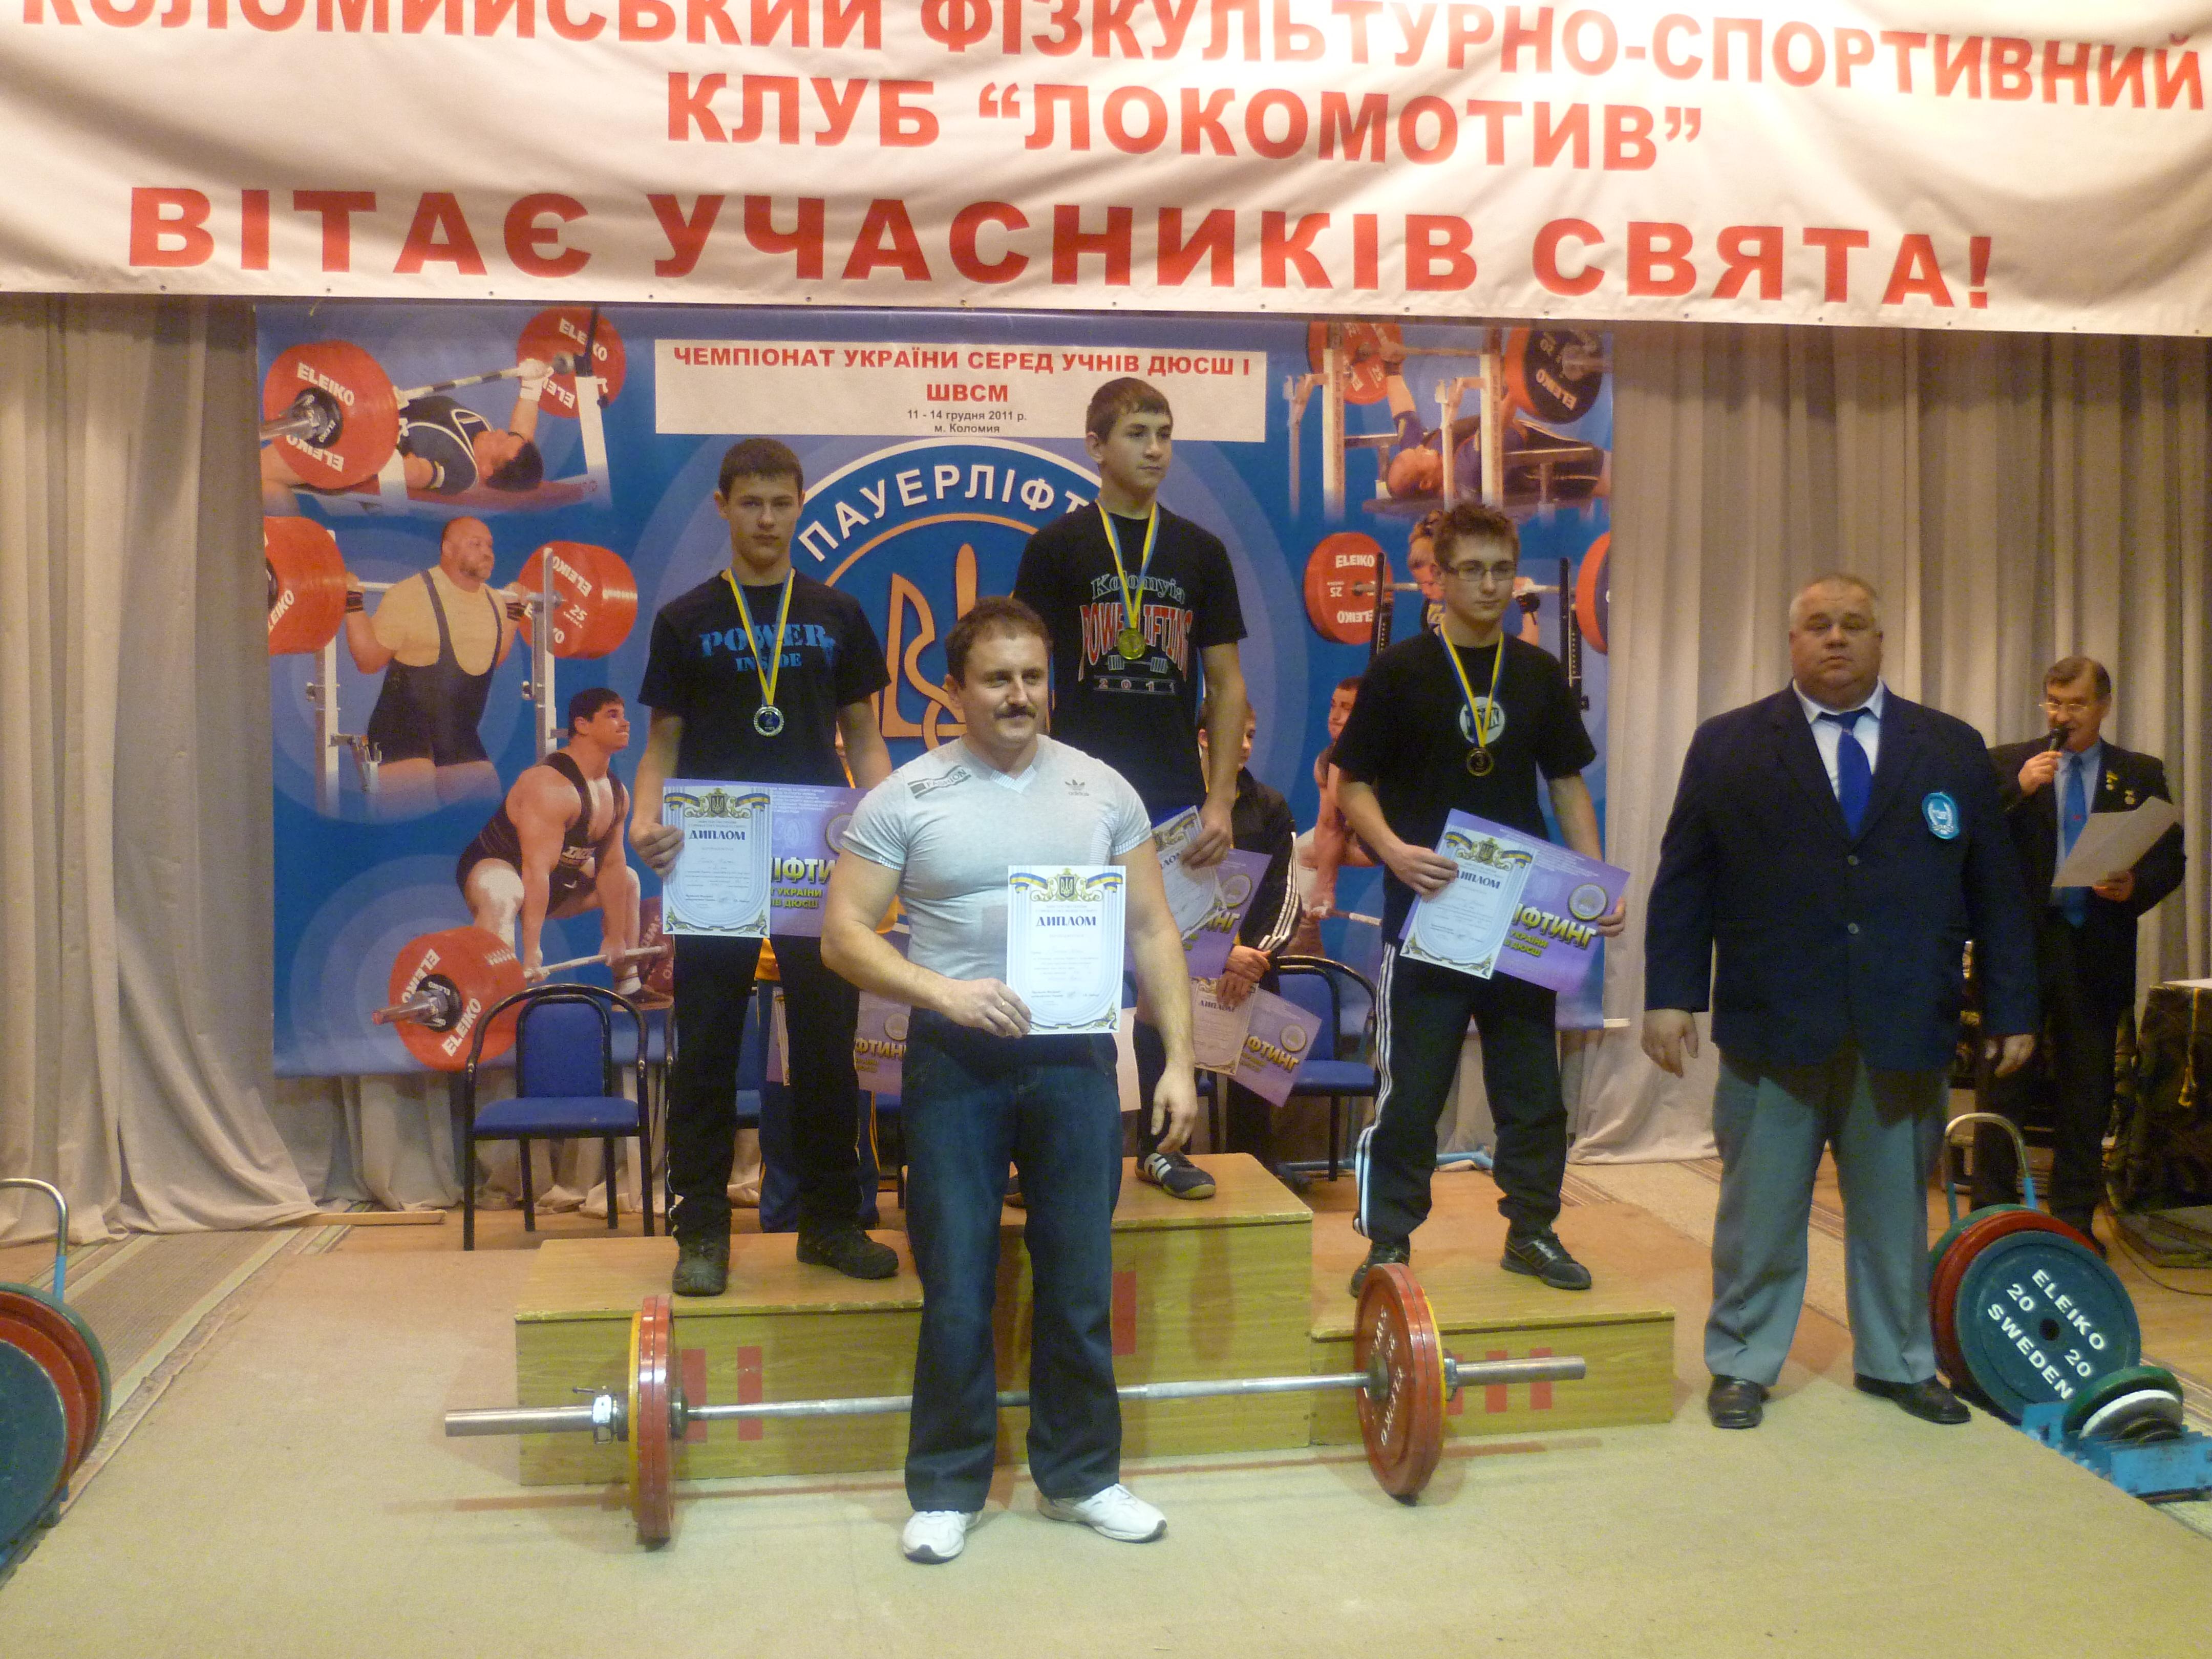 Измаильчане показали достойные результаты на Чемпионате Украины по пауэрлифтингу